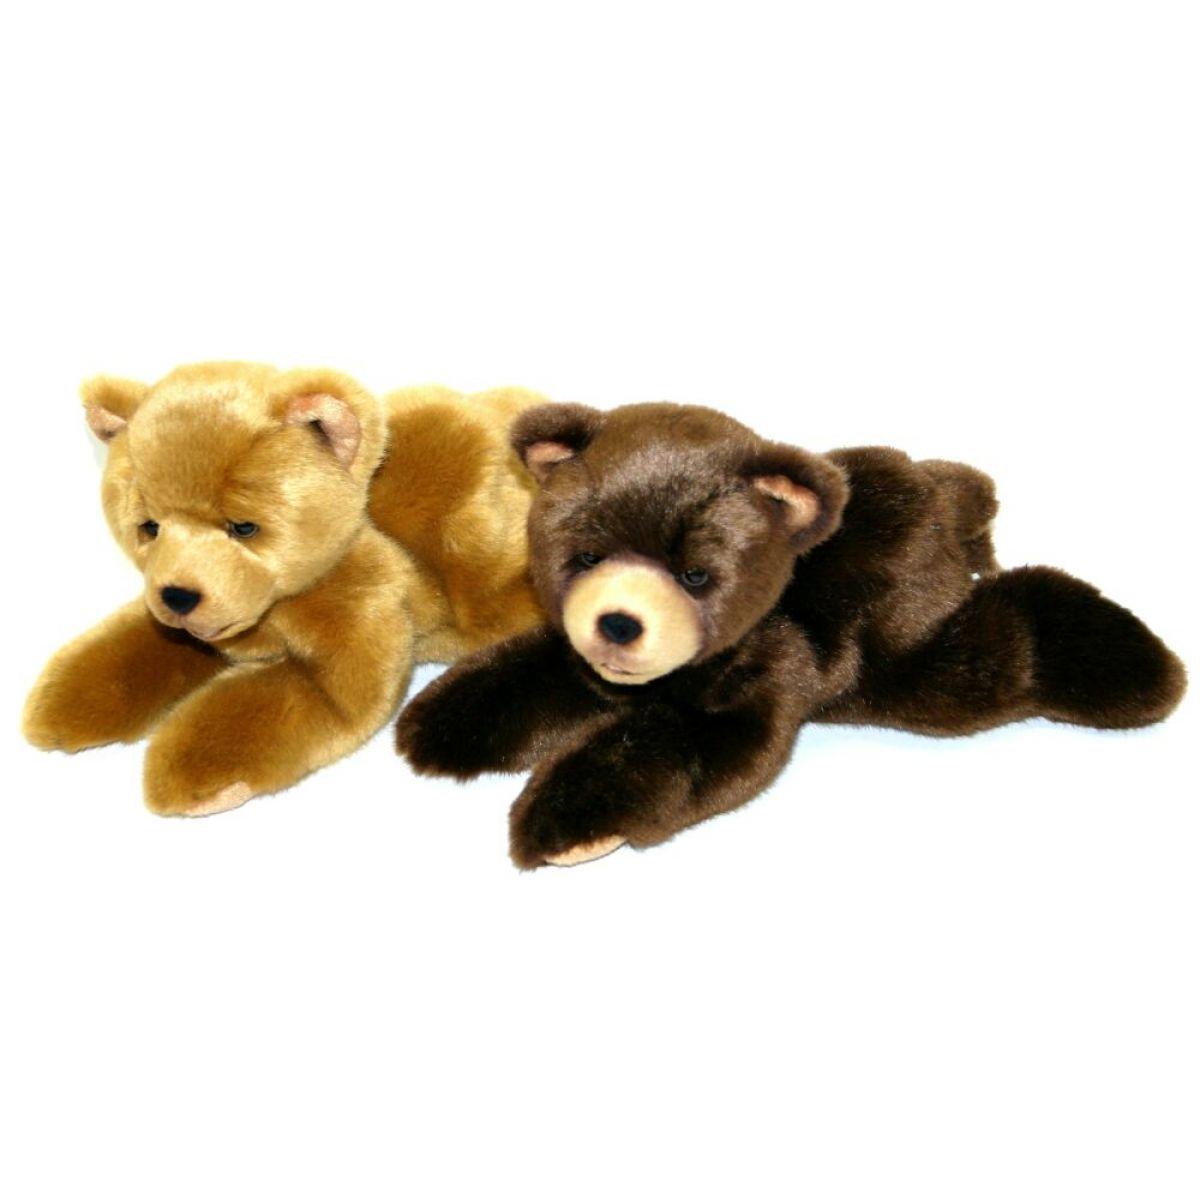 Rappa Plyšový medvěd 15 cm ležící - Světle hnědý